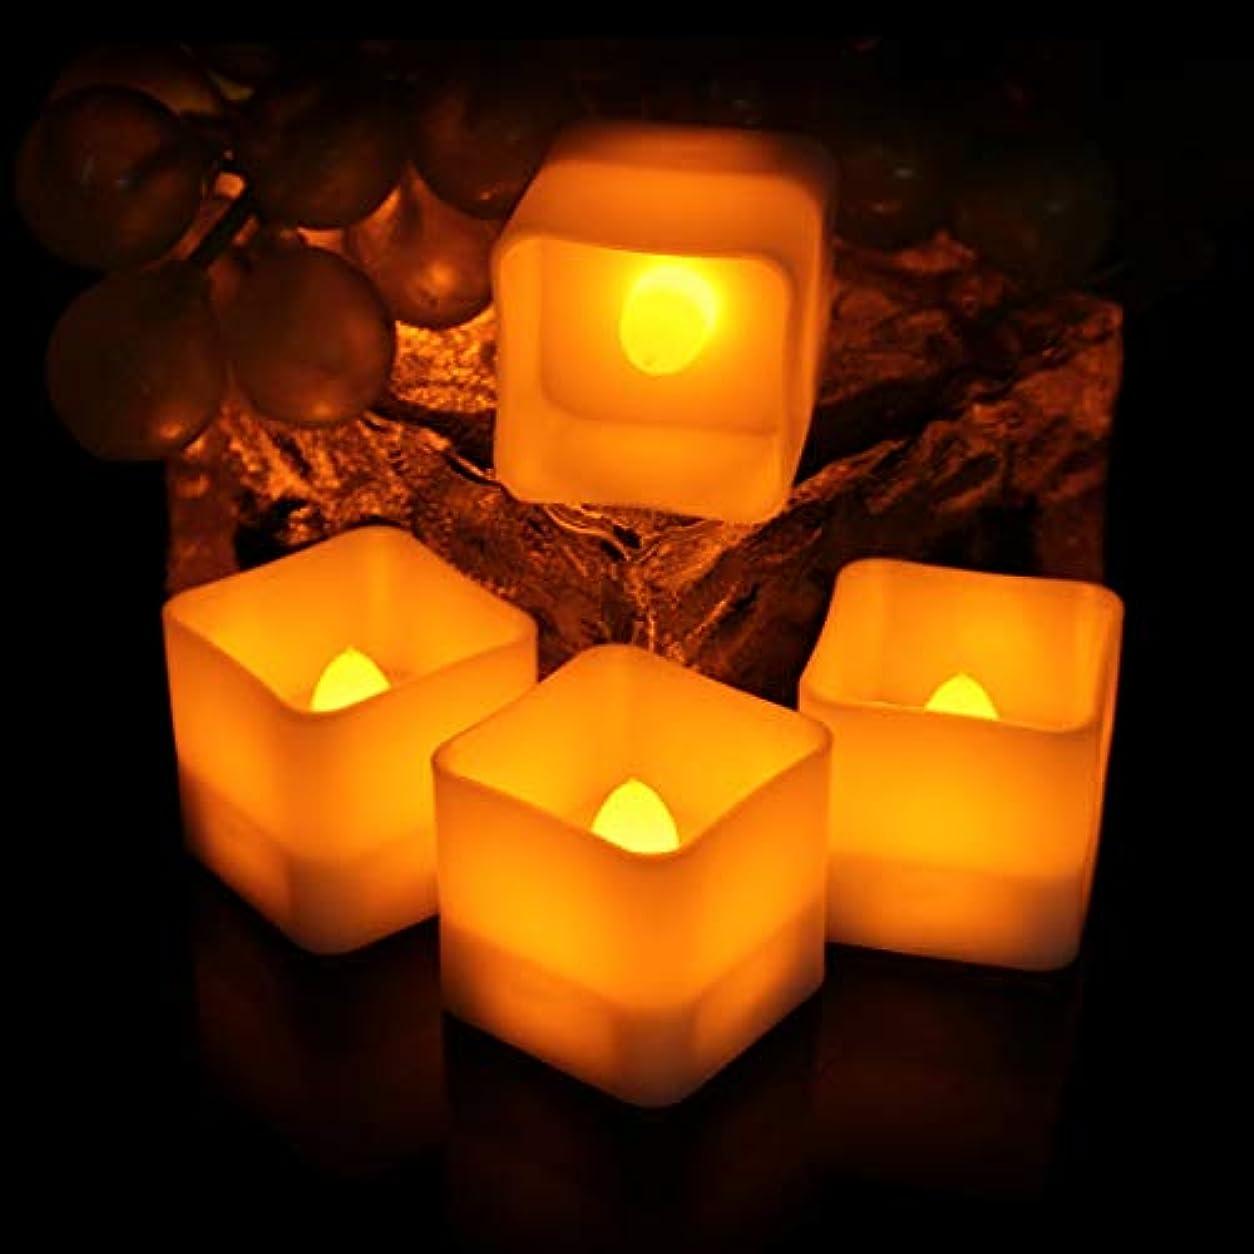 先史時代の者地下室LEDフレームレスキャンドル 正方形 電池式キャンドル イエロー光電気 ろうそくスクエア無香料 タイミング機能付き ハロウィンクリスマス 結婚式 誕生日 室内 室外飾り インテリアライト 雰囲気装飾ランプ 12セットS